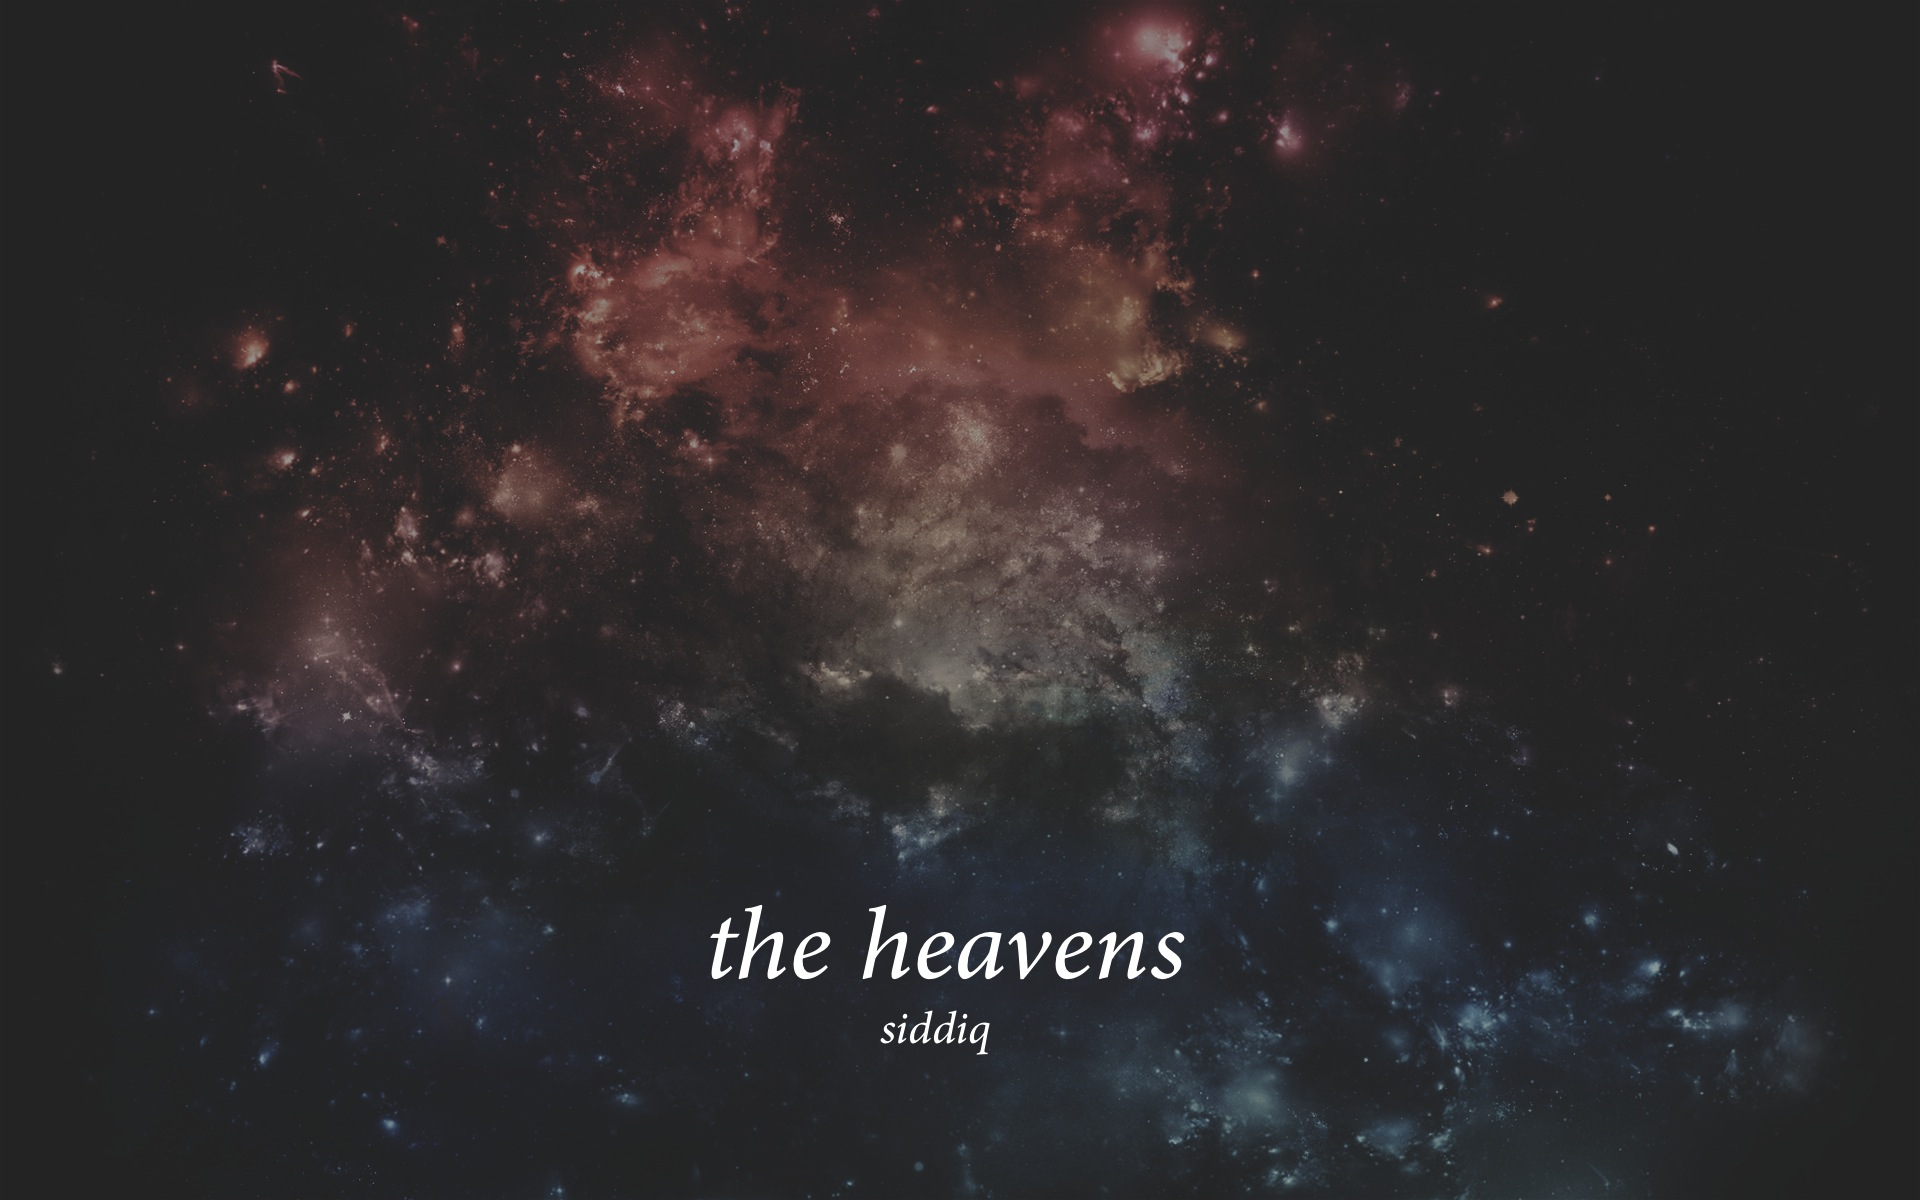 Siddiq – The Heavens